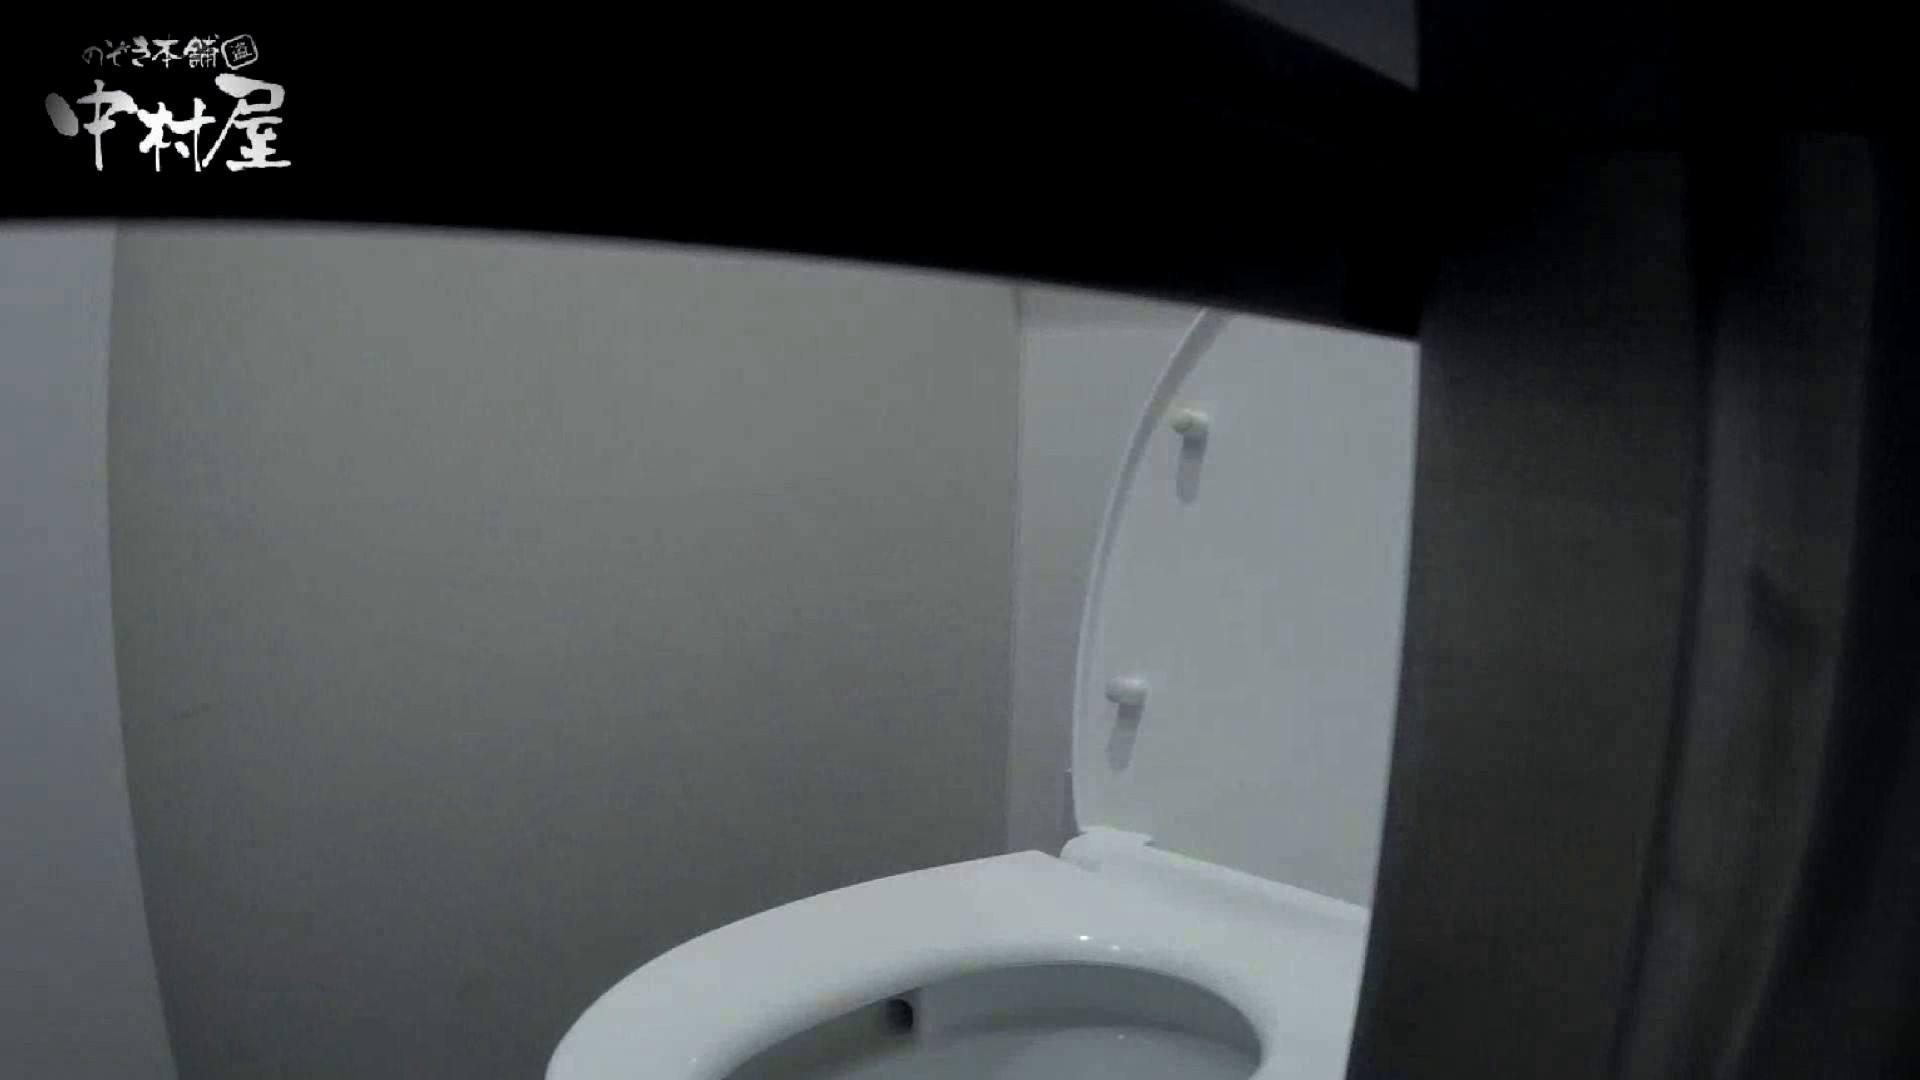 【某有名大学女性洗面所】有名大学女性洗面所 vol.40 ??おまじない的な動きをする子がいます。 洗面所 覗きおまんこ画像 88枚 82